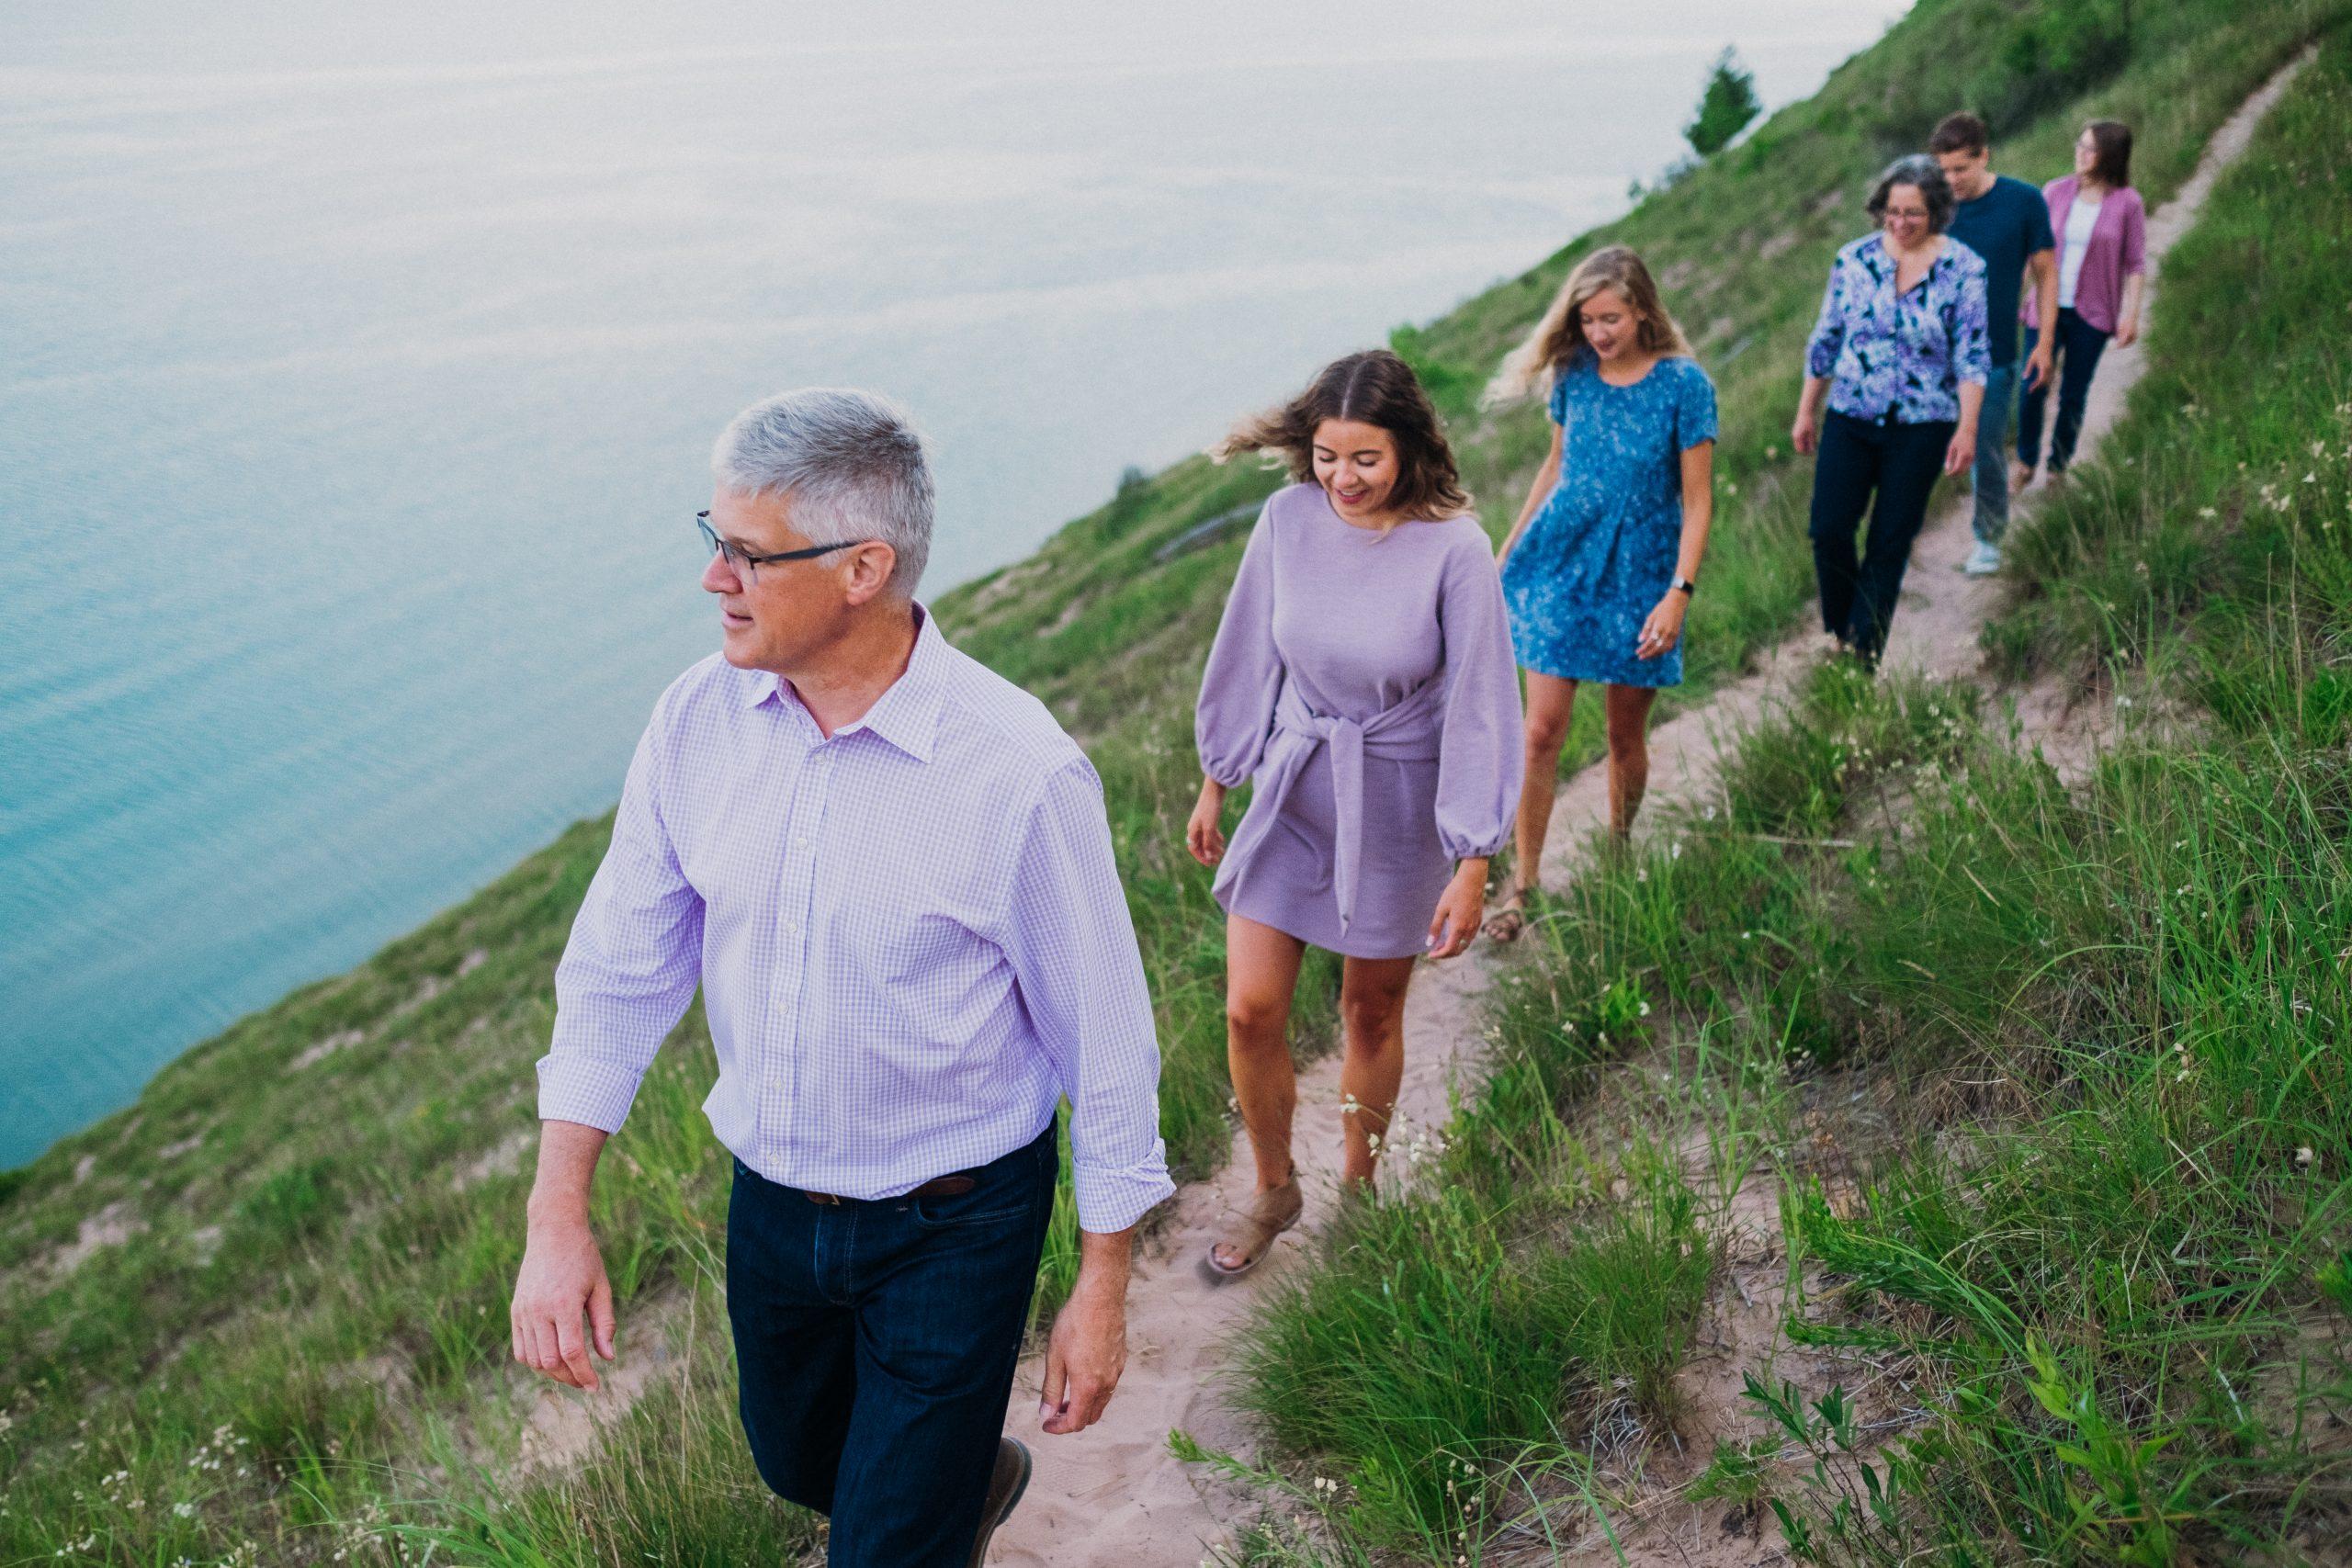 Family Session in Empire Michigan